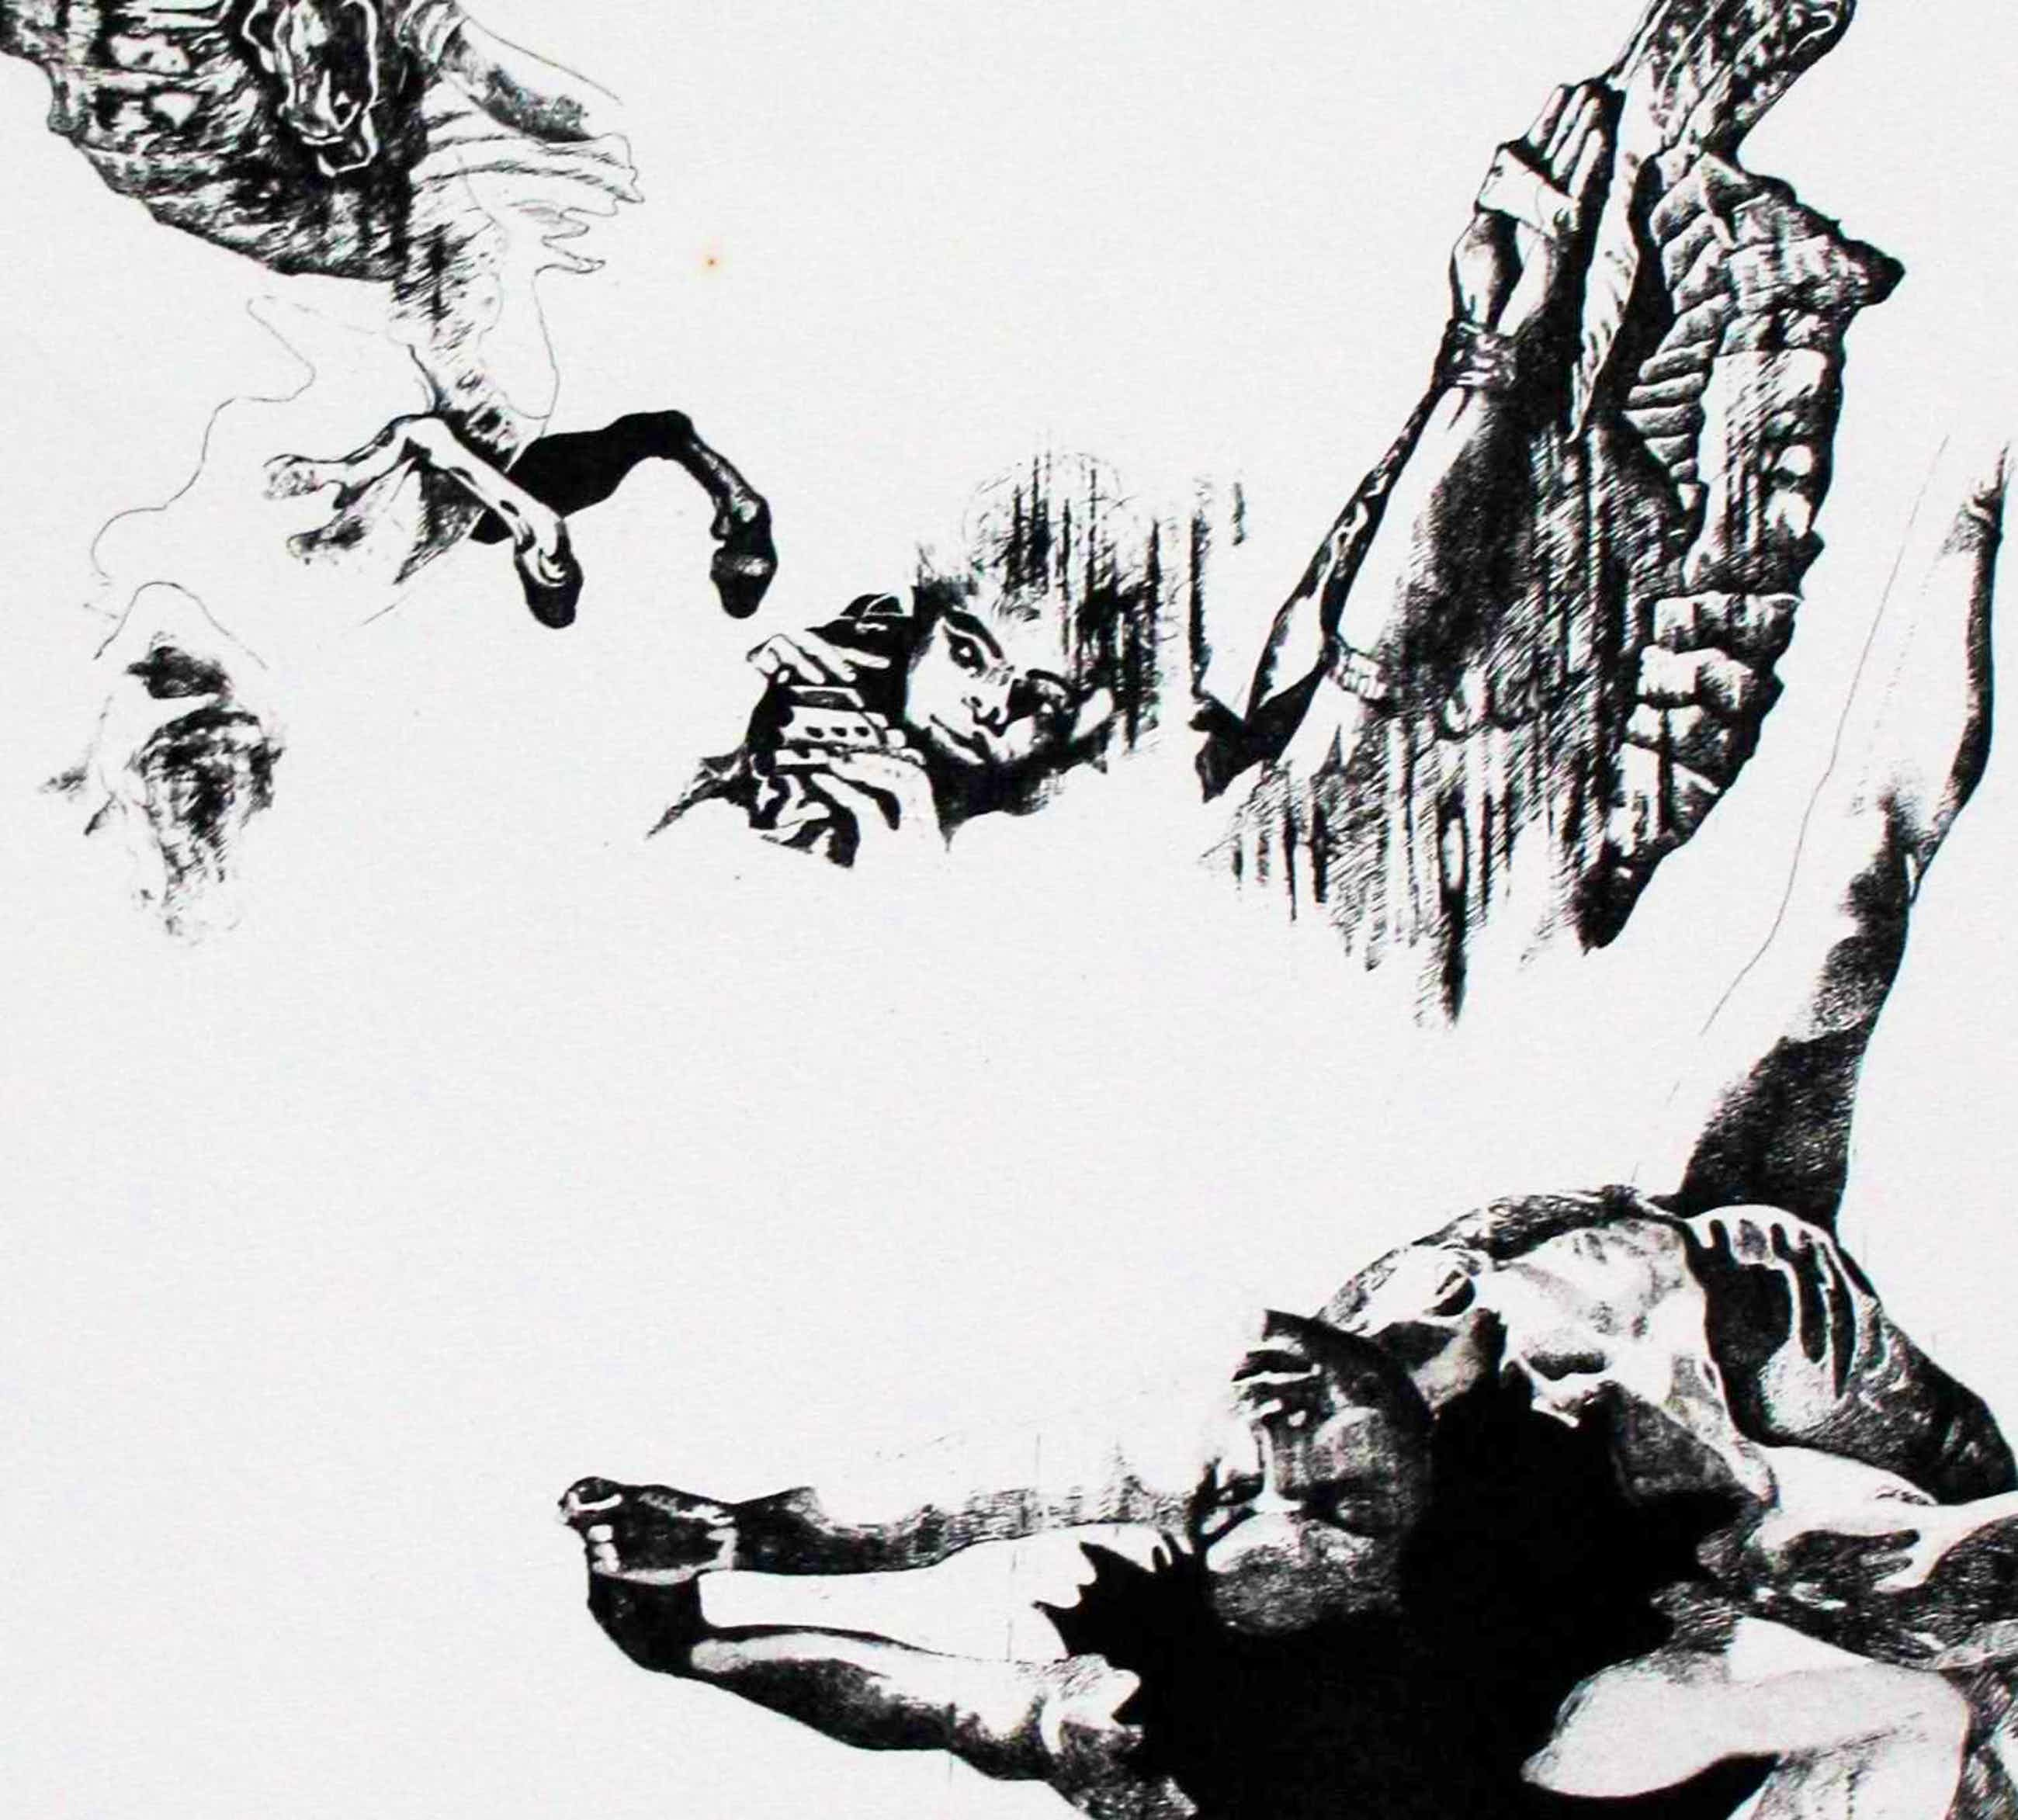 Gerti Bierenbroodspot - Ets: Gevallen engel - 1973 kopen? Bied vanaf 75!